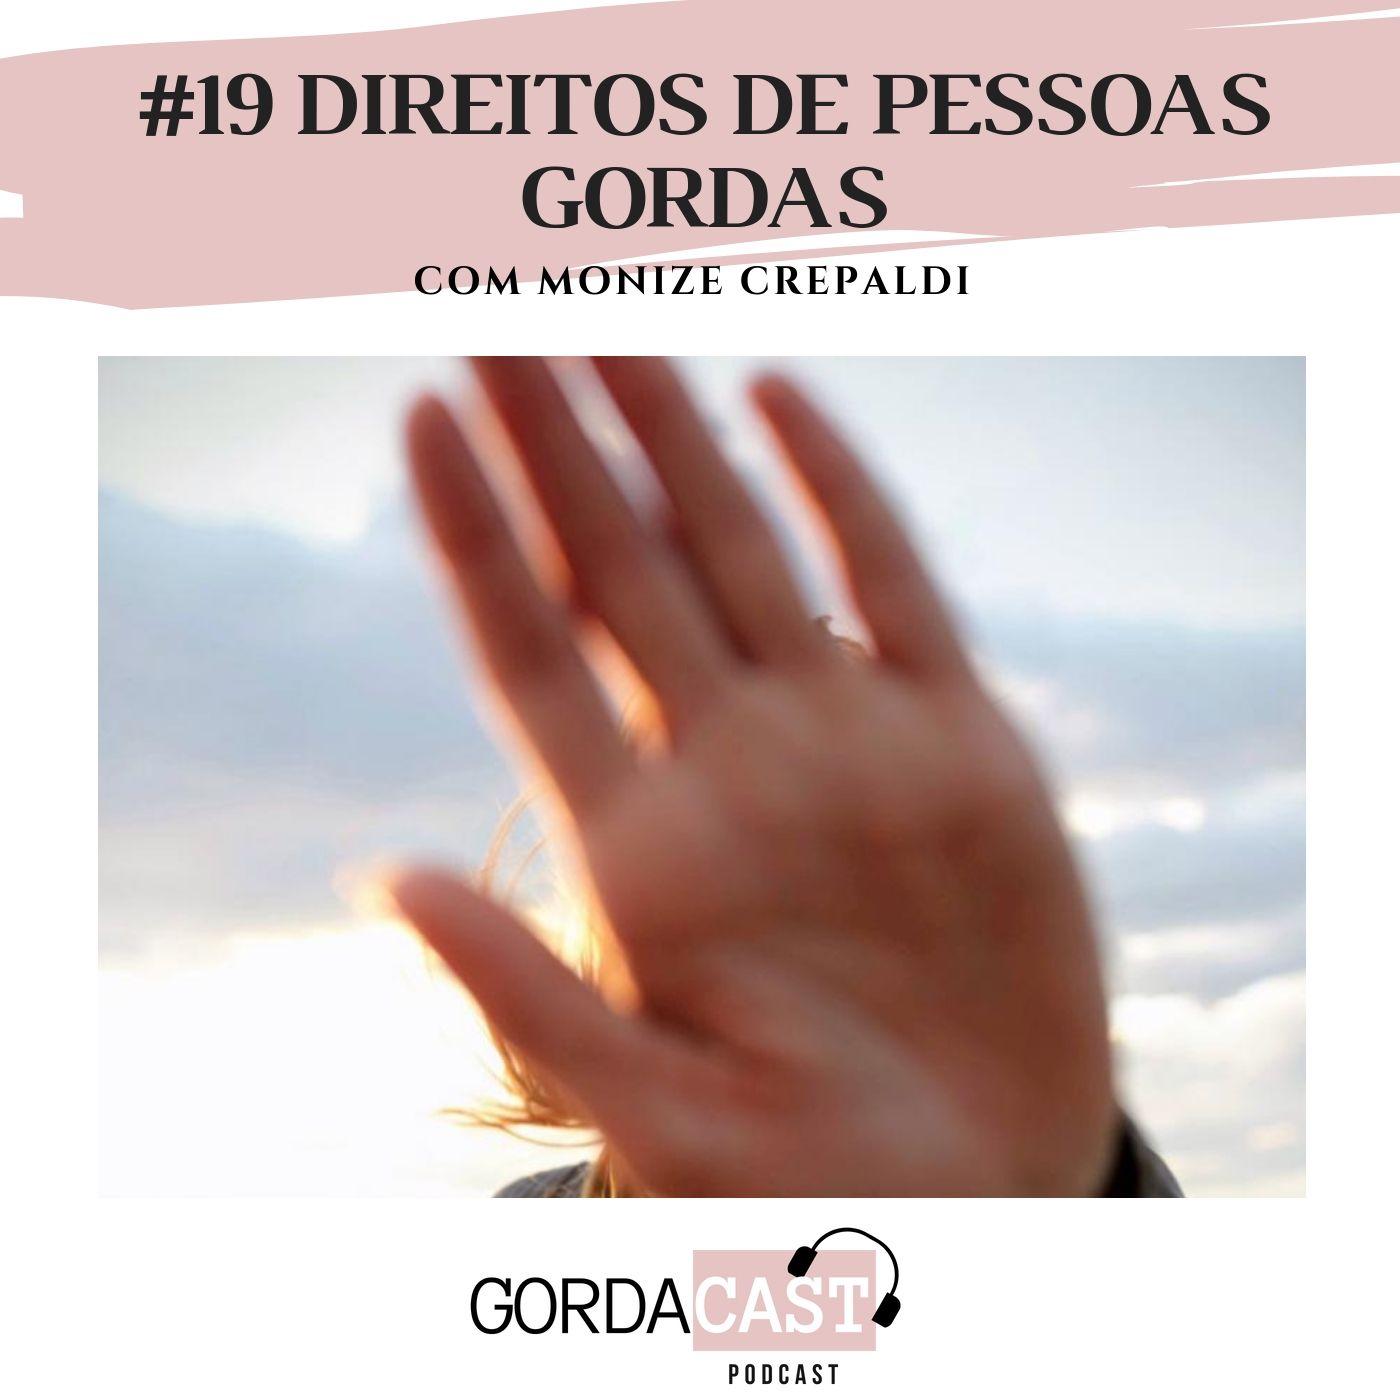 GordaCast #19   Direitos de pessoas gordas com Monize Crepaldi